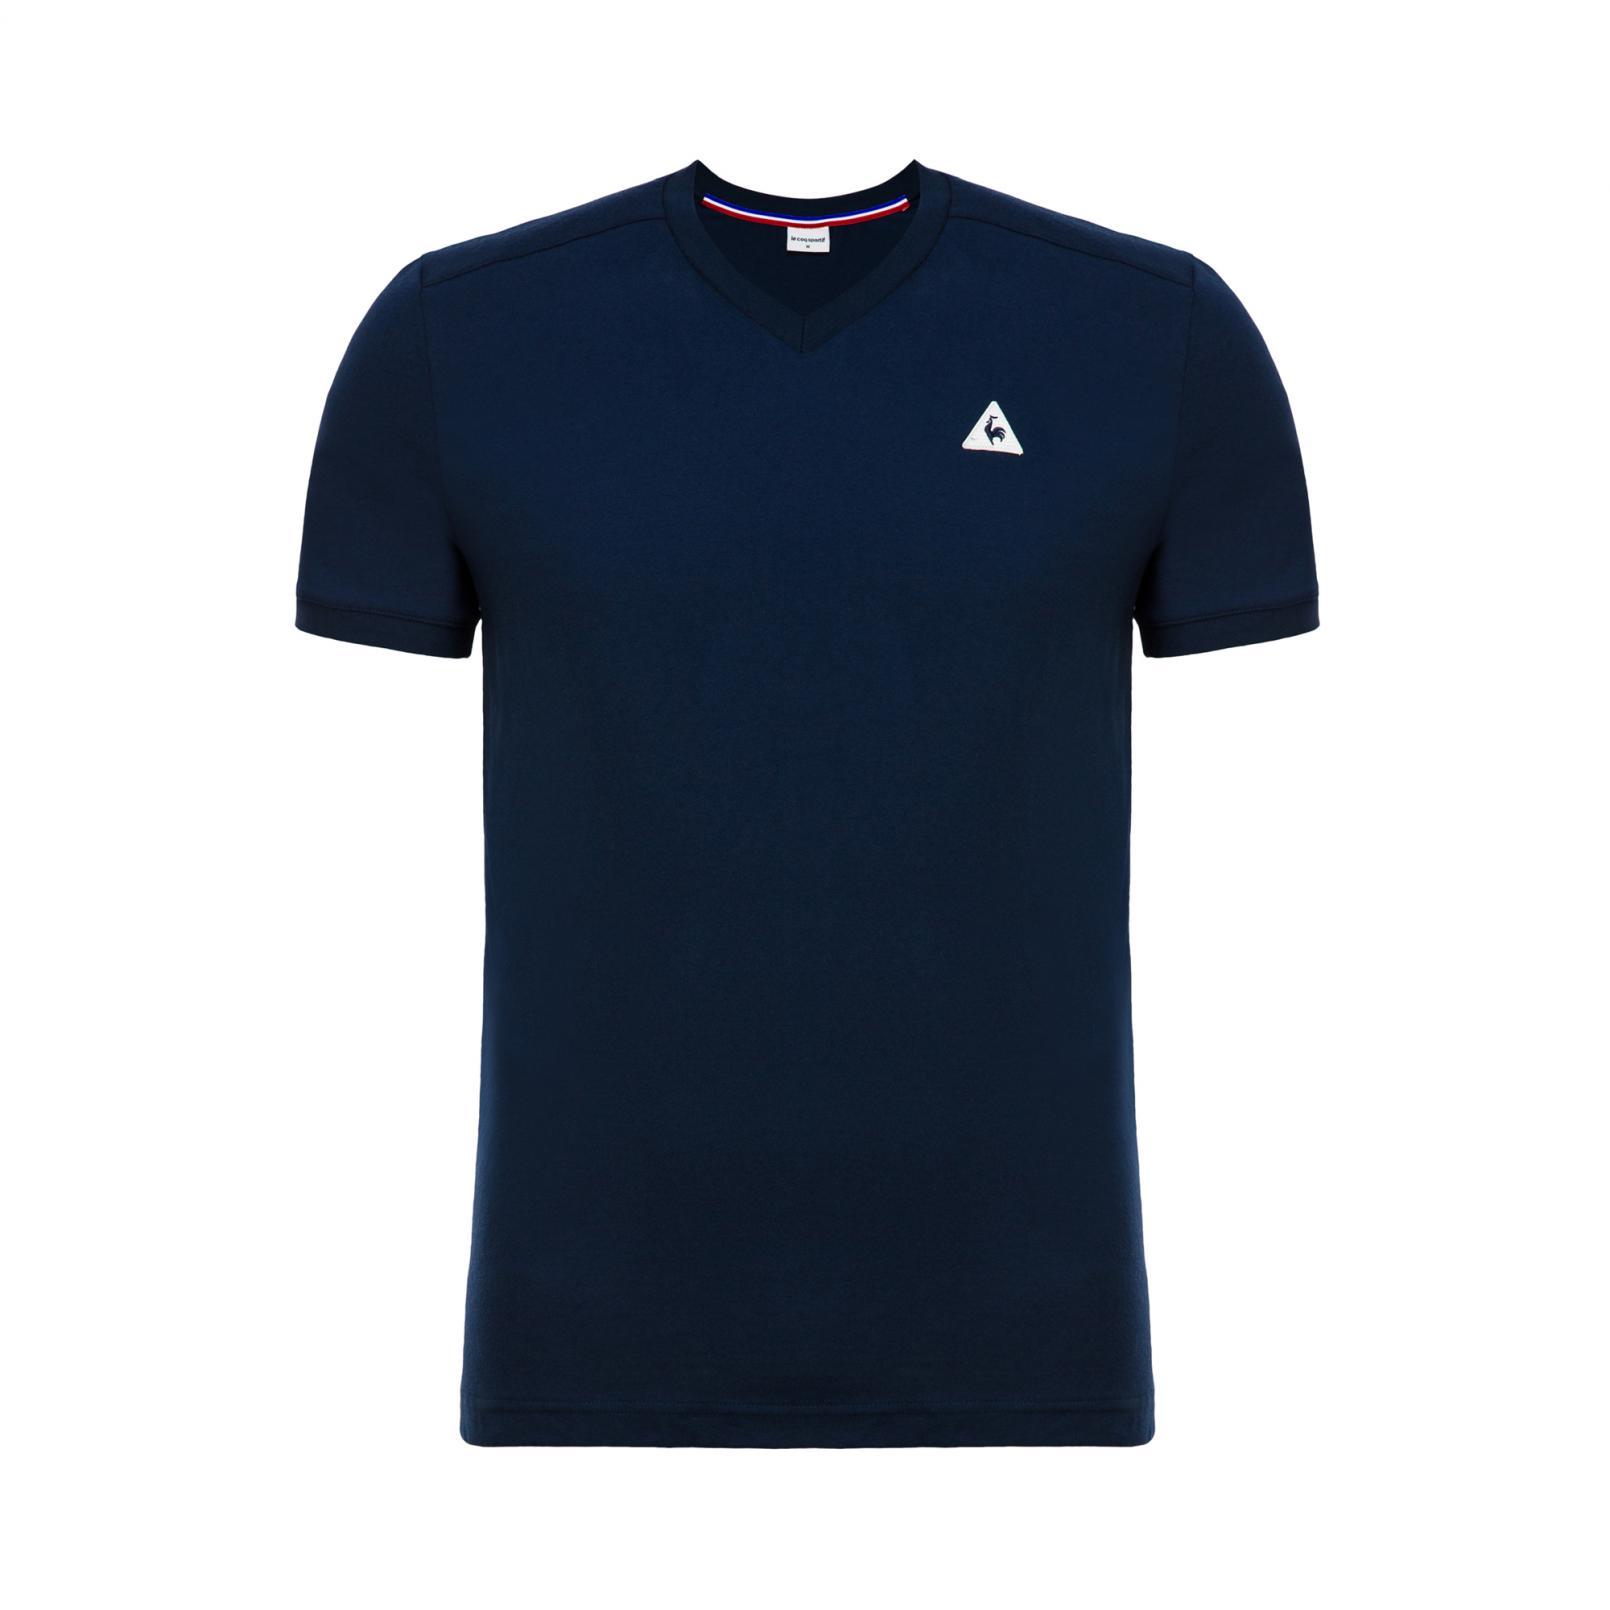 T-shirts – Le Coq Sportif Essentiels T-shirt Blue/White